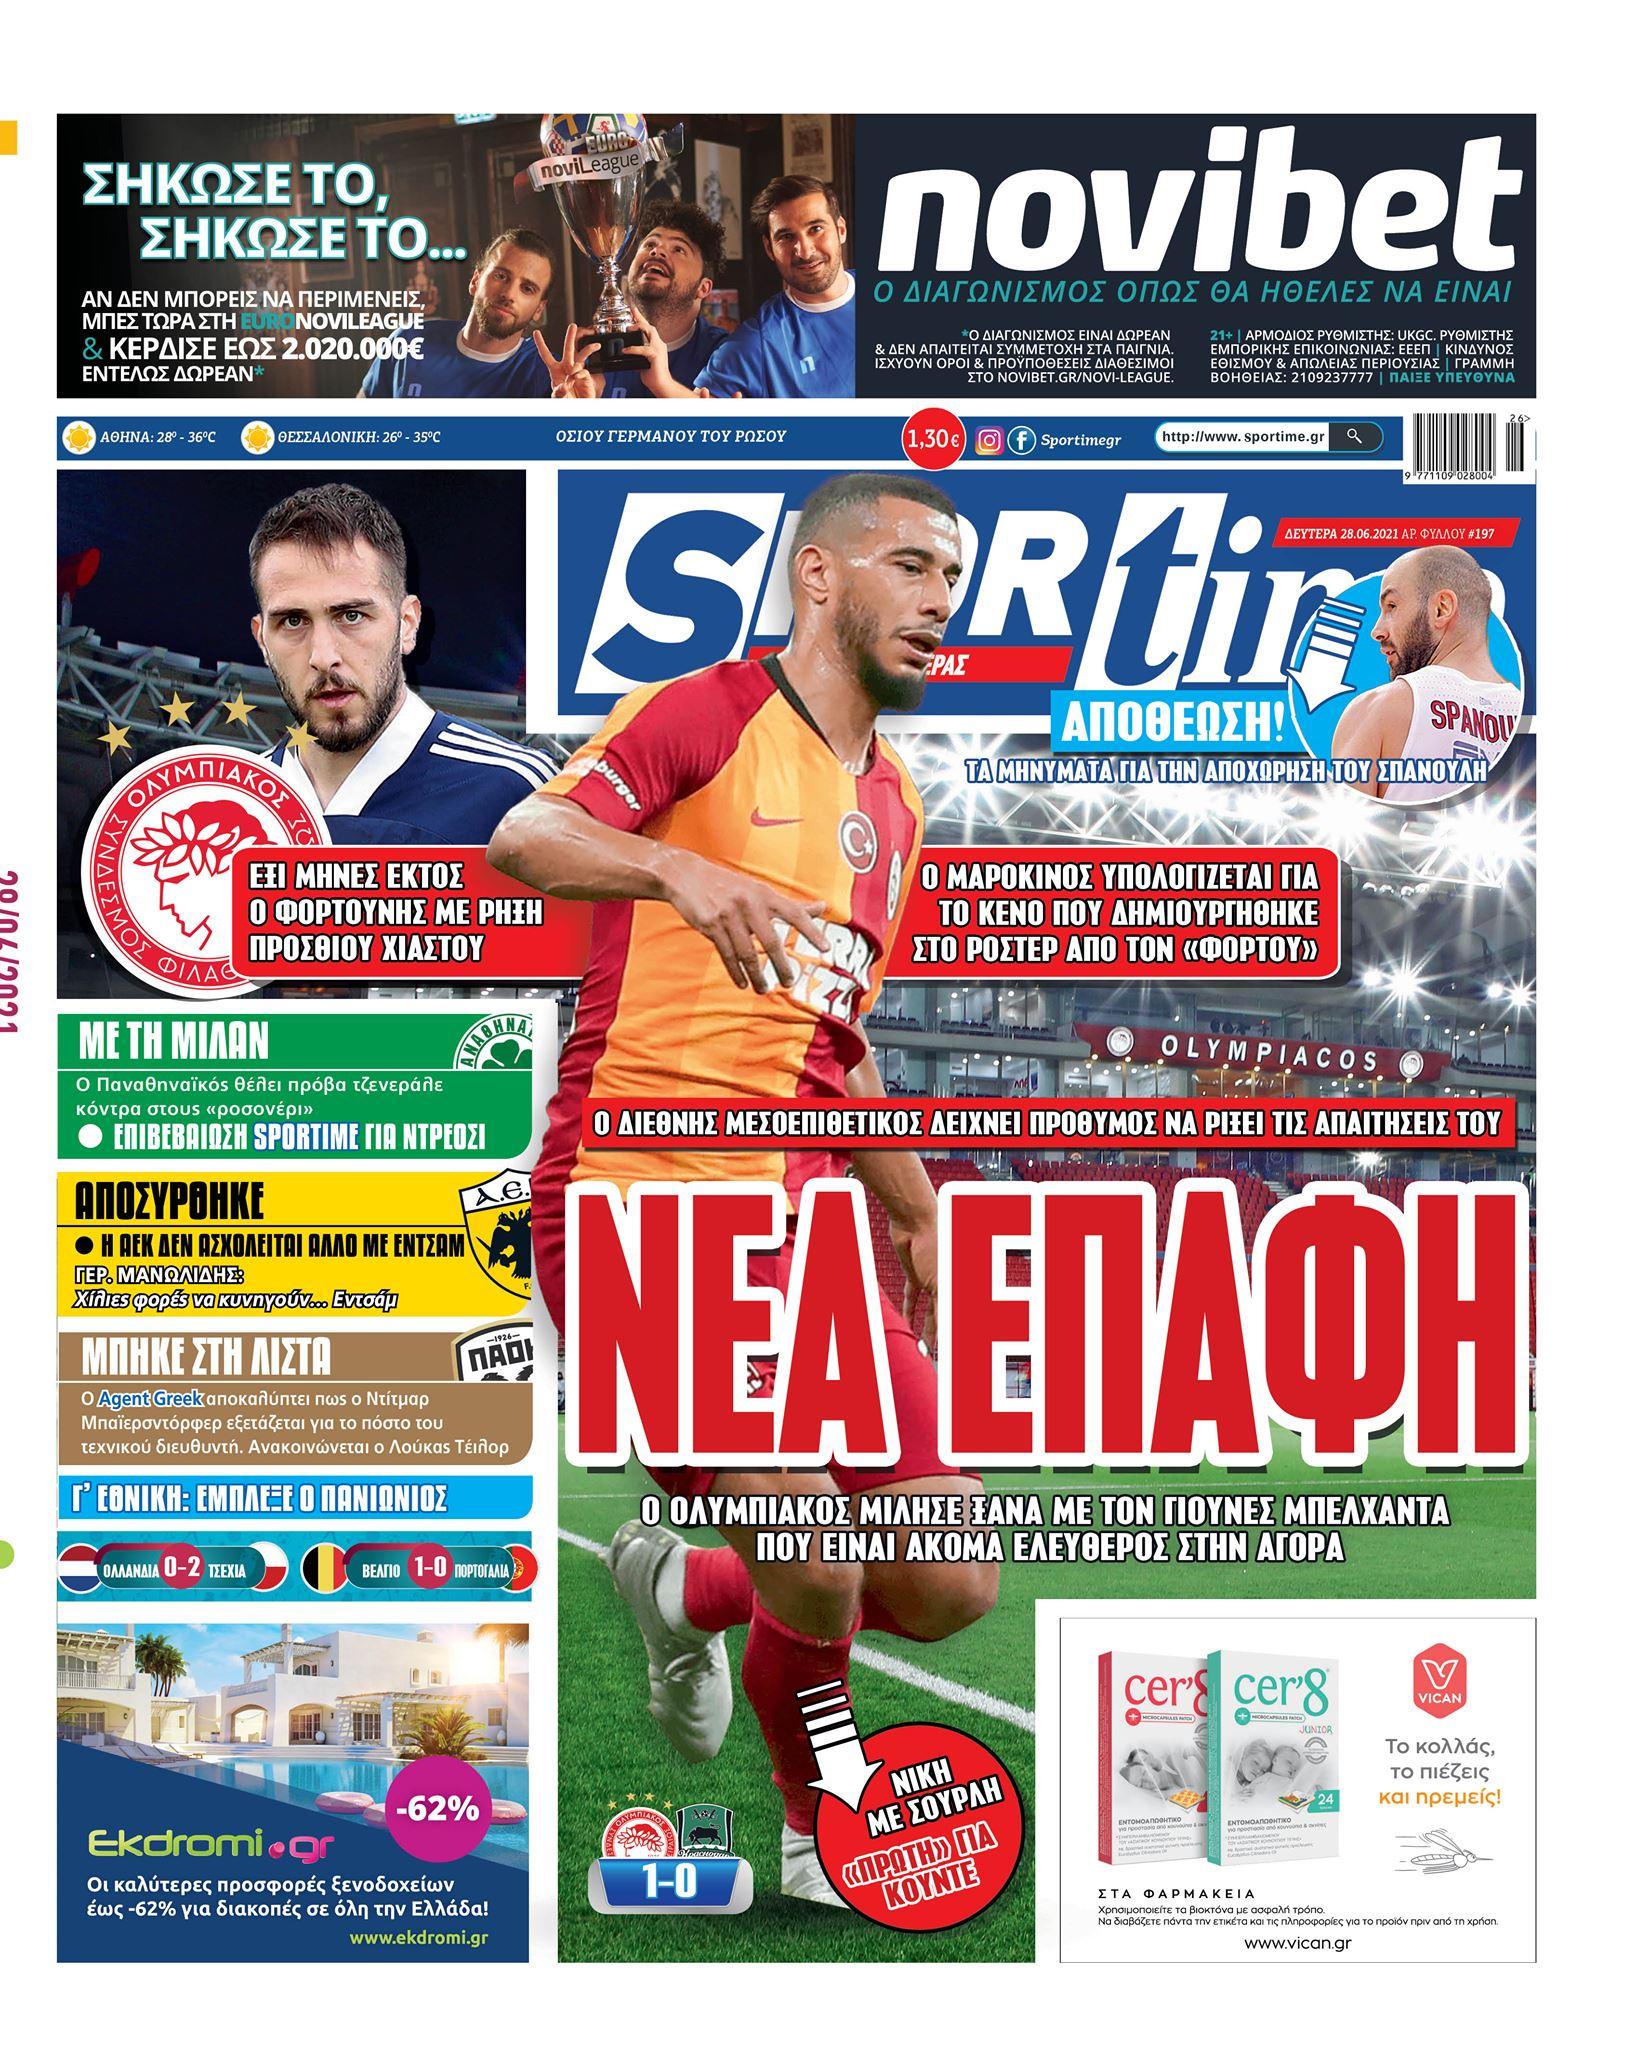 Εφημερίδα SPORTIME - Εξώφυλλο φύλλου 28/6/2021